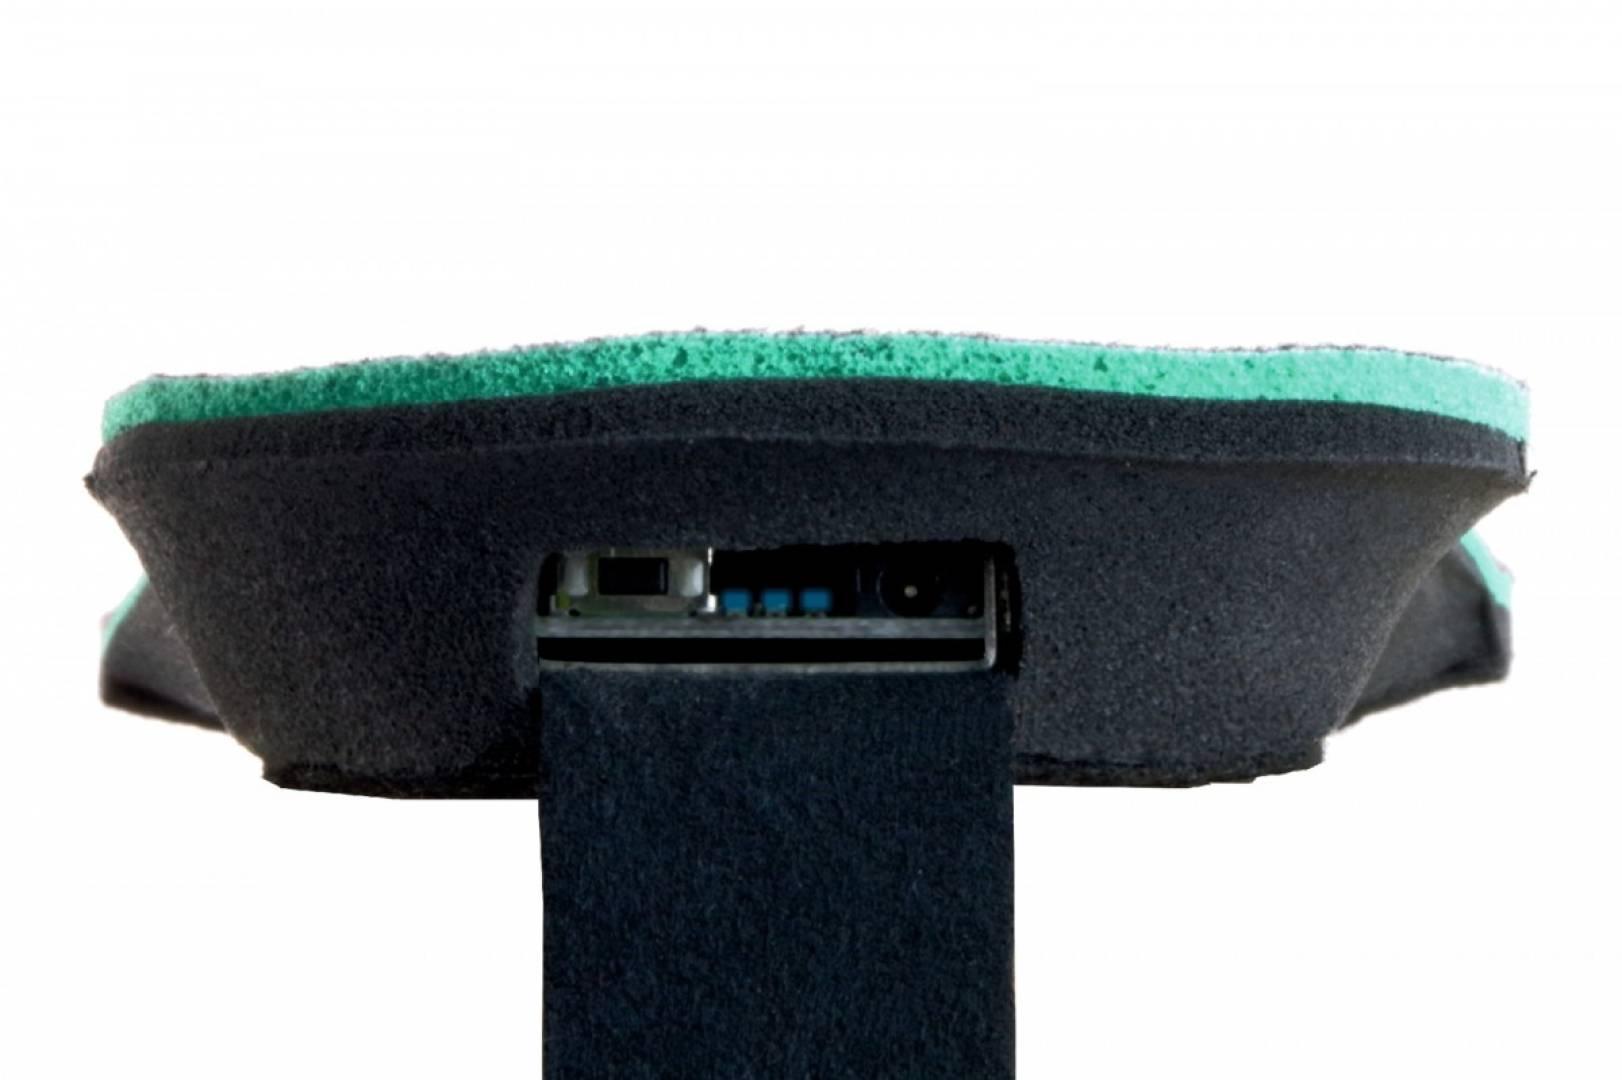 Glovii - Ogrzewane wkładki do butów z pilotem, czarno-czerwone rozmiar L (41-46)